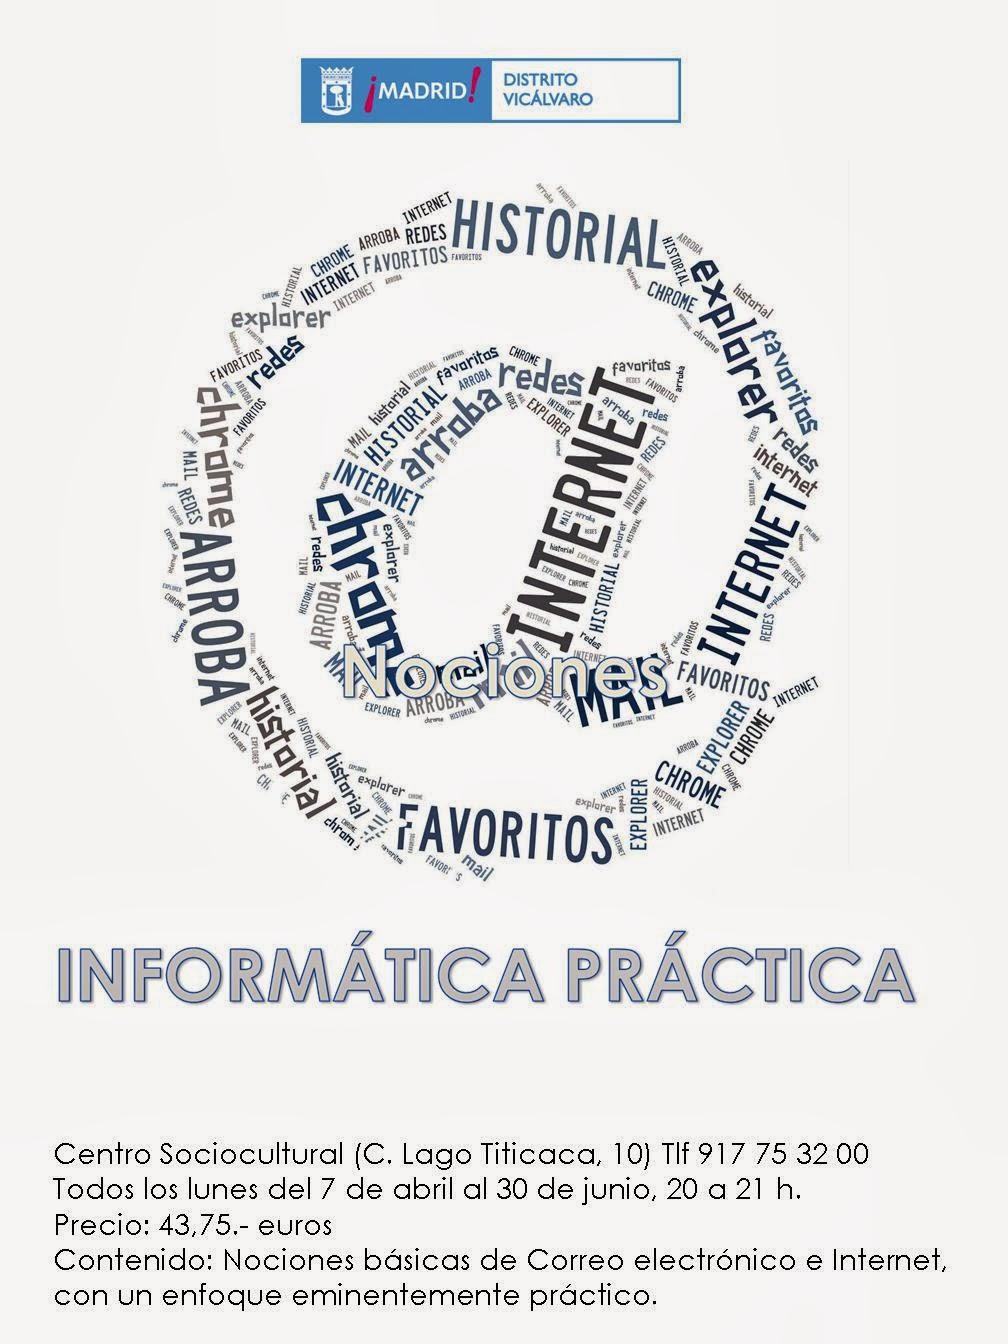 Taller trimestral abril a junio, informática práctica. Centro Sociocultural Vicálvaro